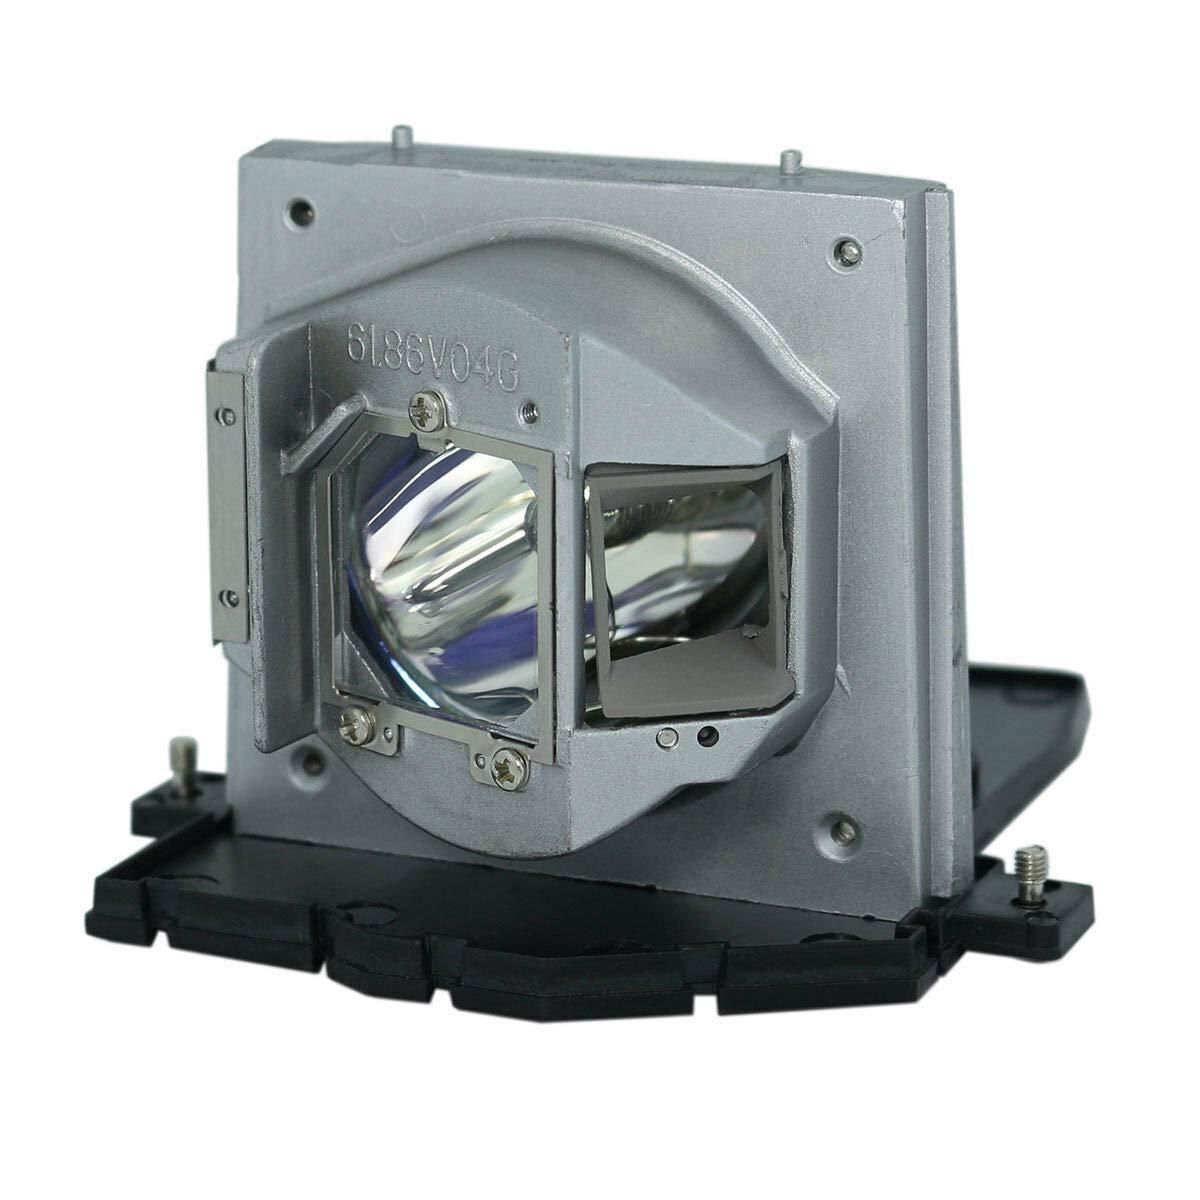 CTLAMP BL-FP200E プロフェッショナルプロジェクターランプ ハウジング付き互換電球 OPTOMA HD71 HD710に対応   B07NXWLN9C